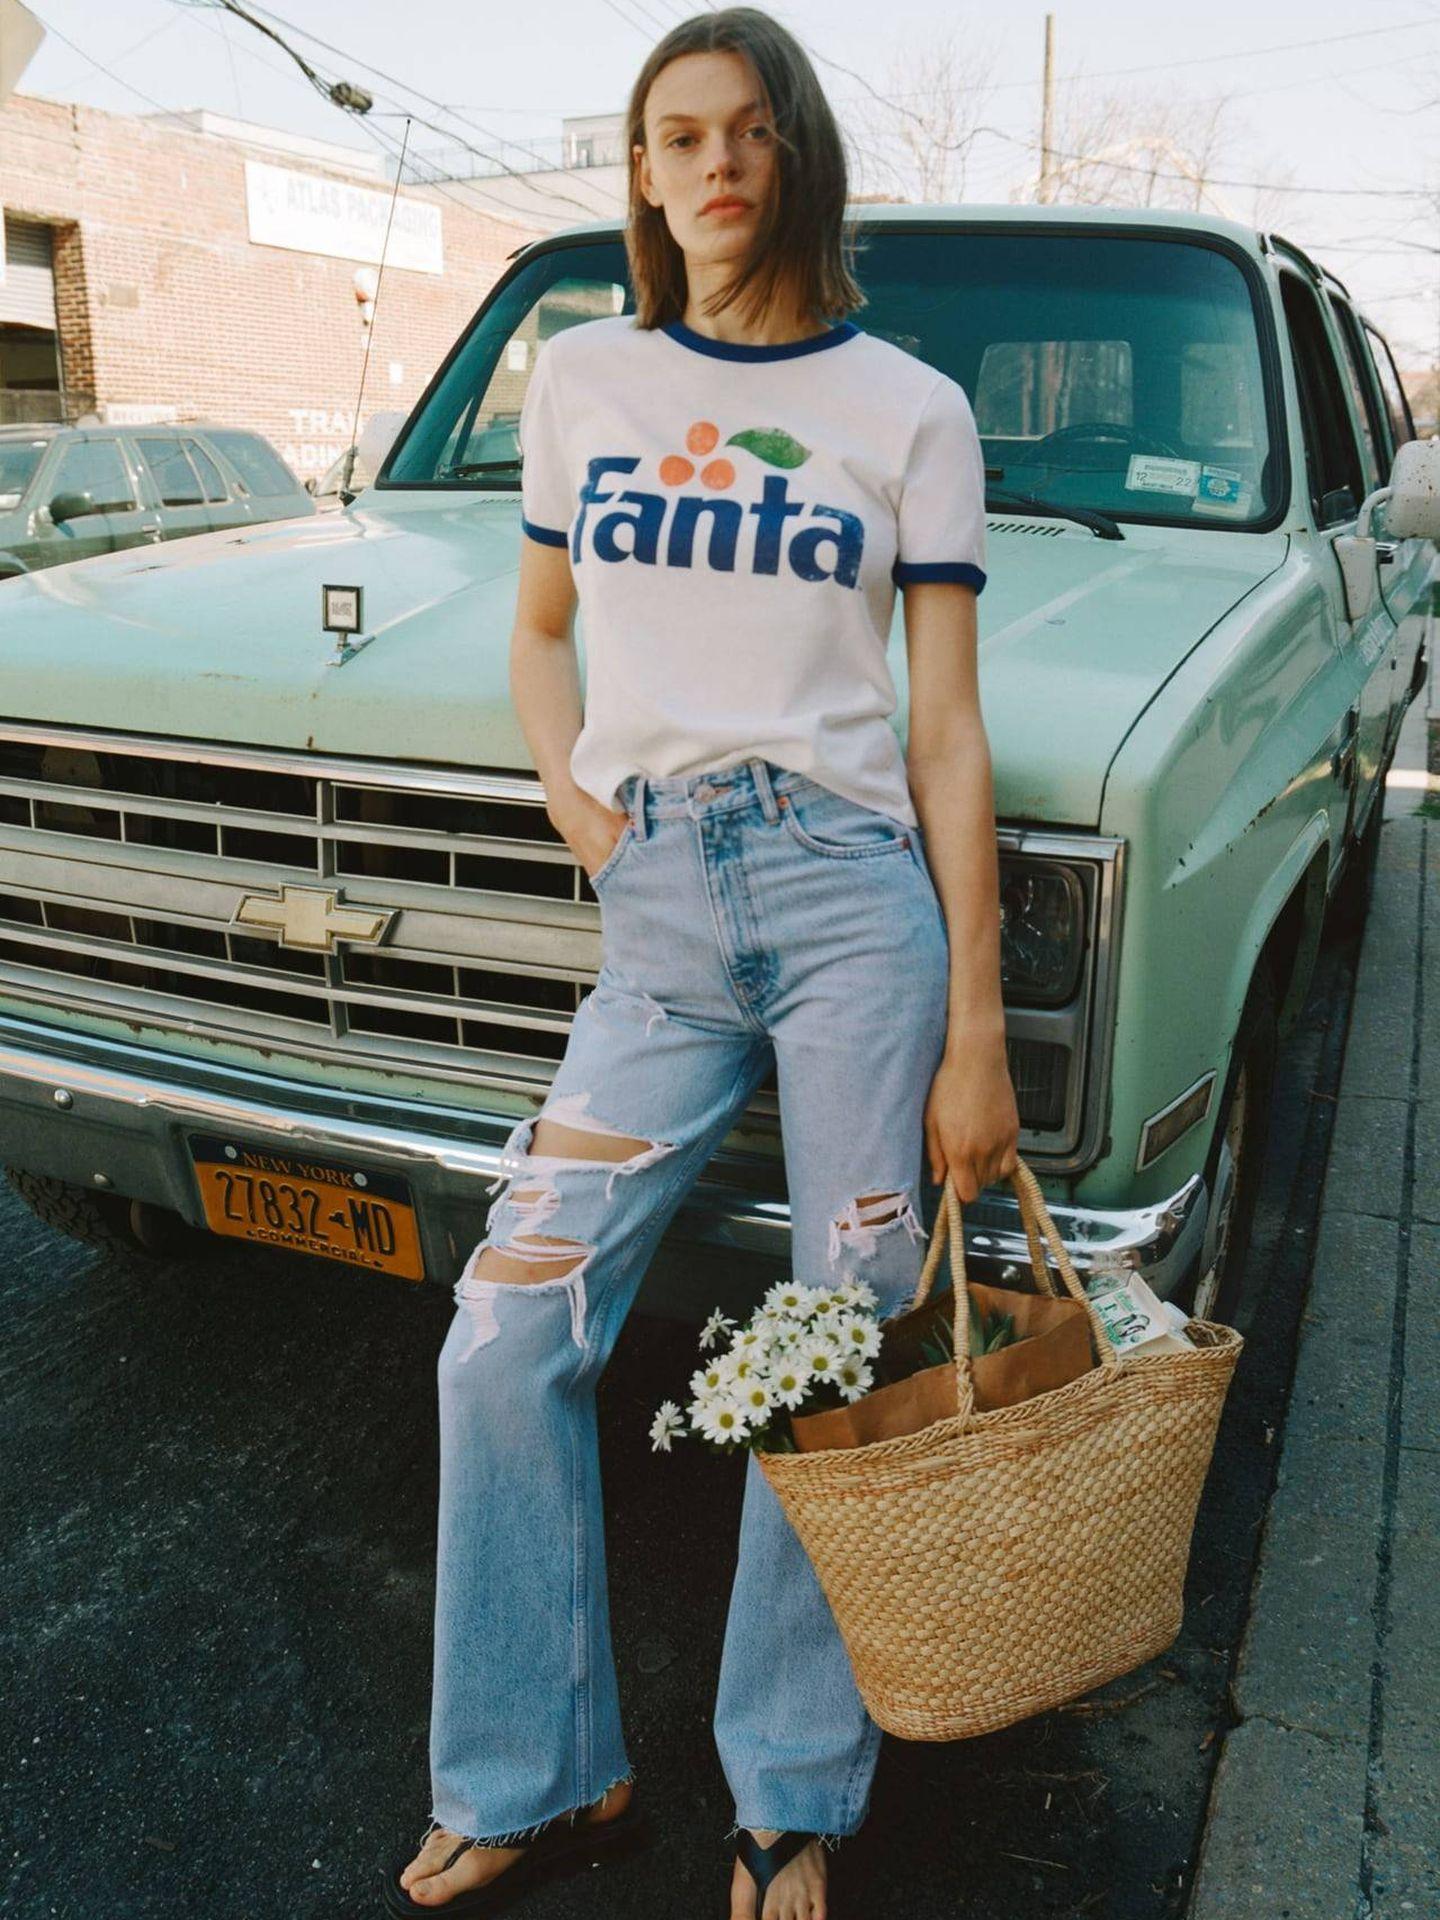 Camiseta de Fanta de Zara. (Cortesía)